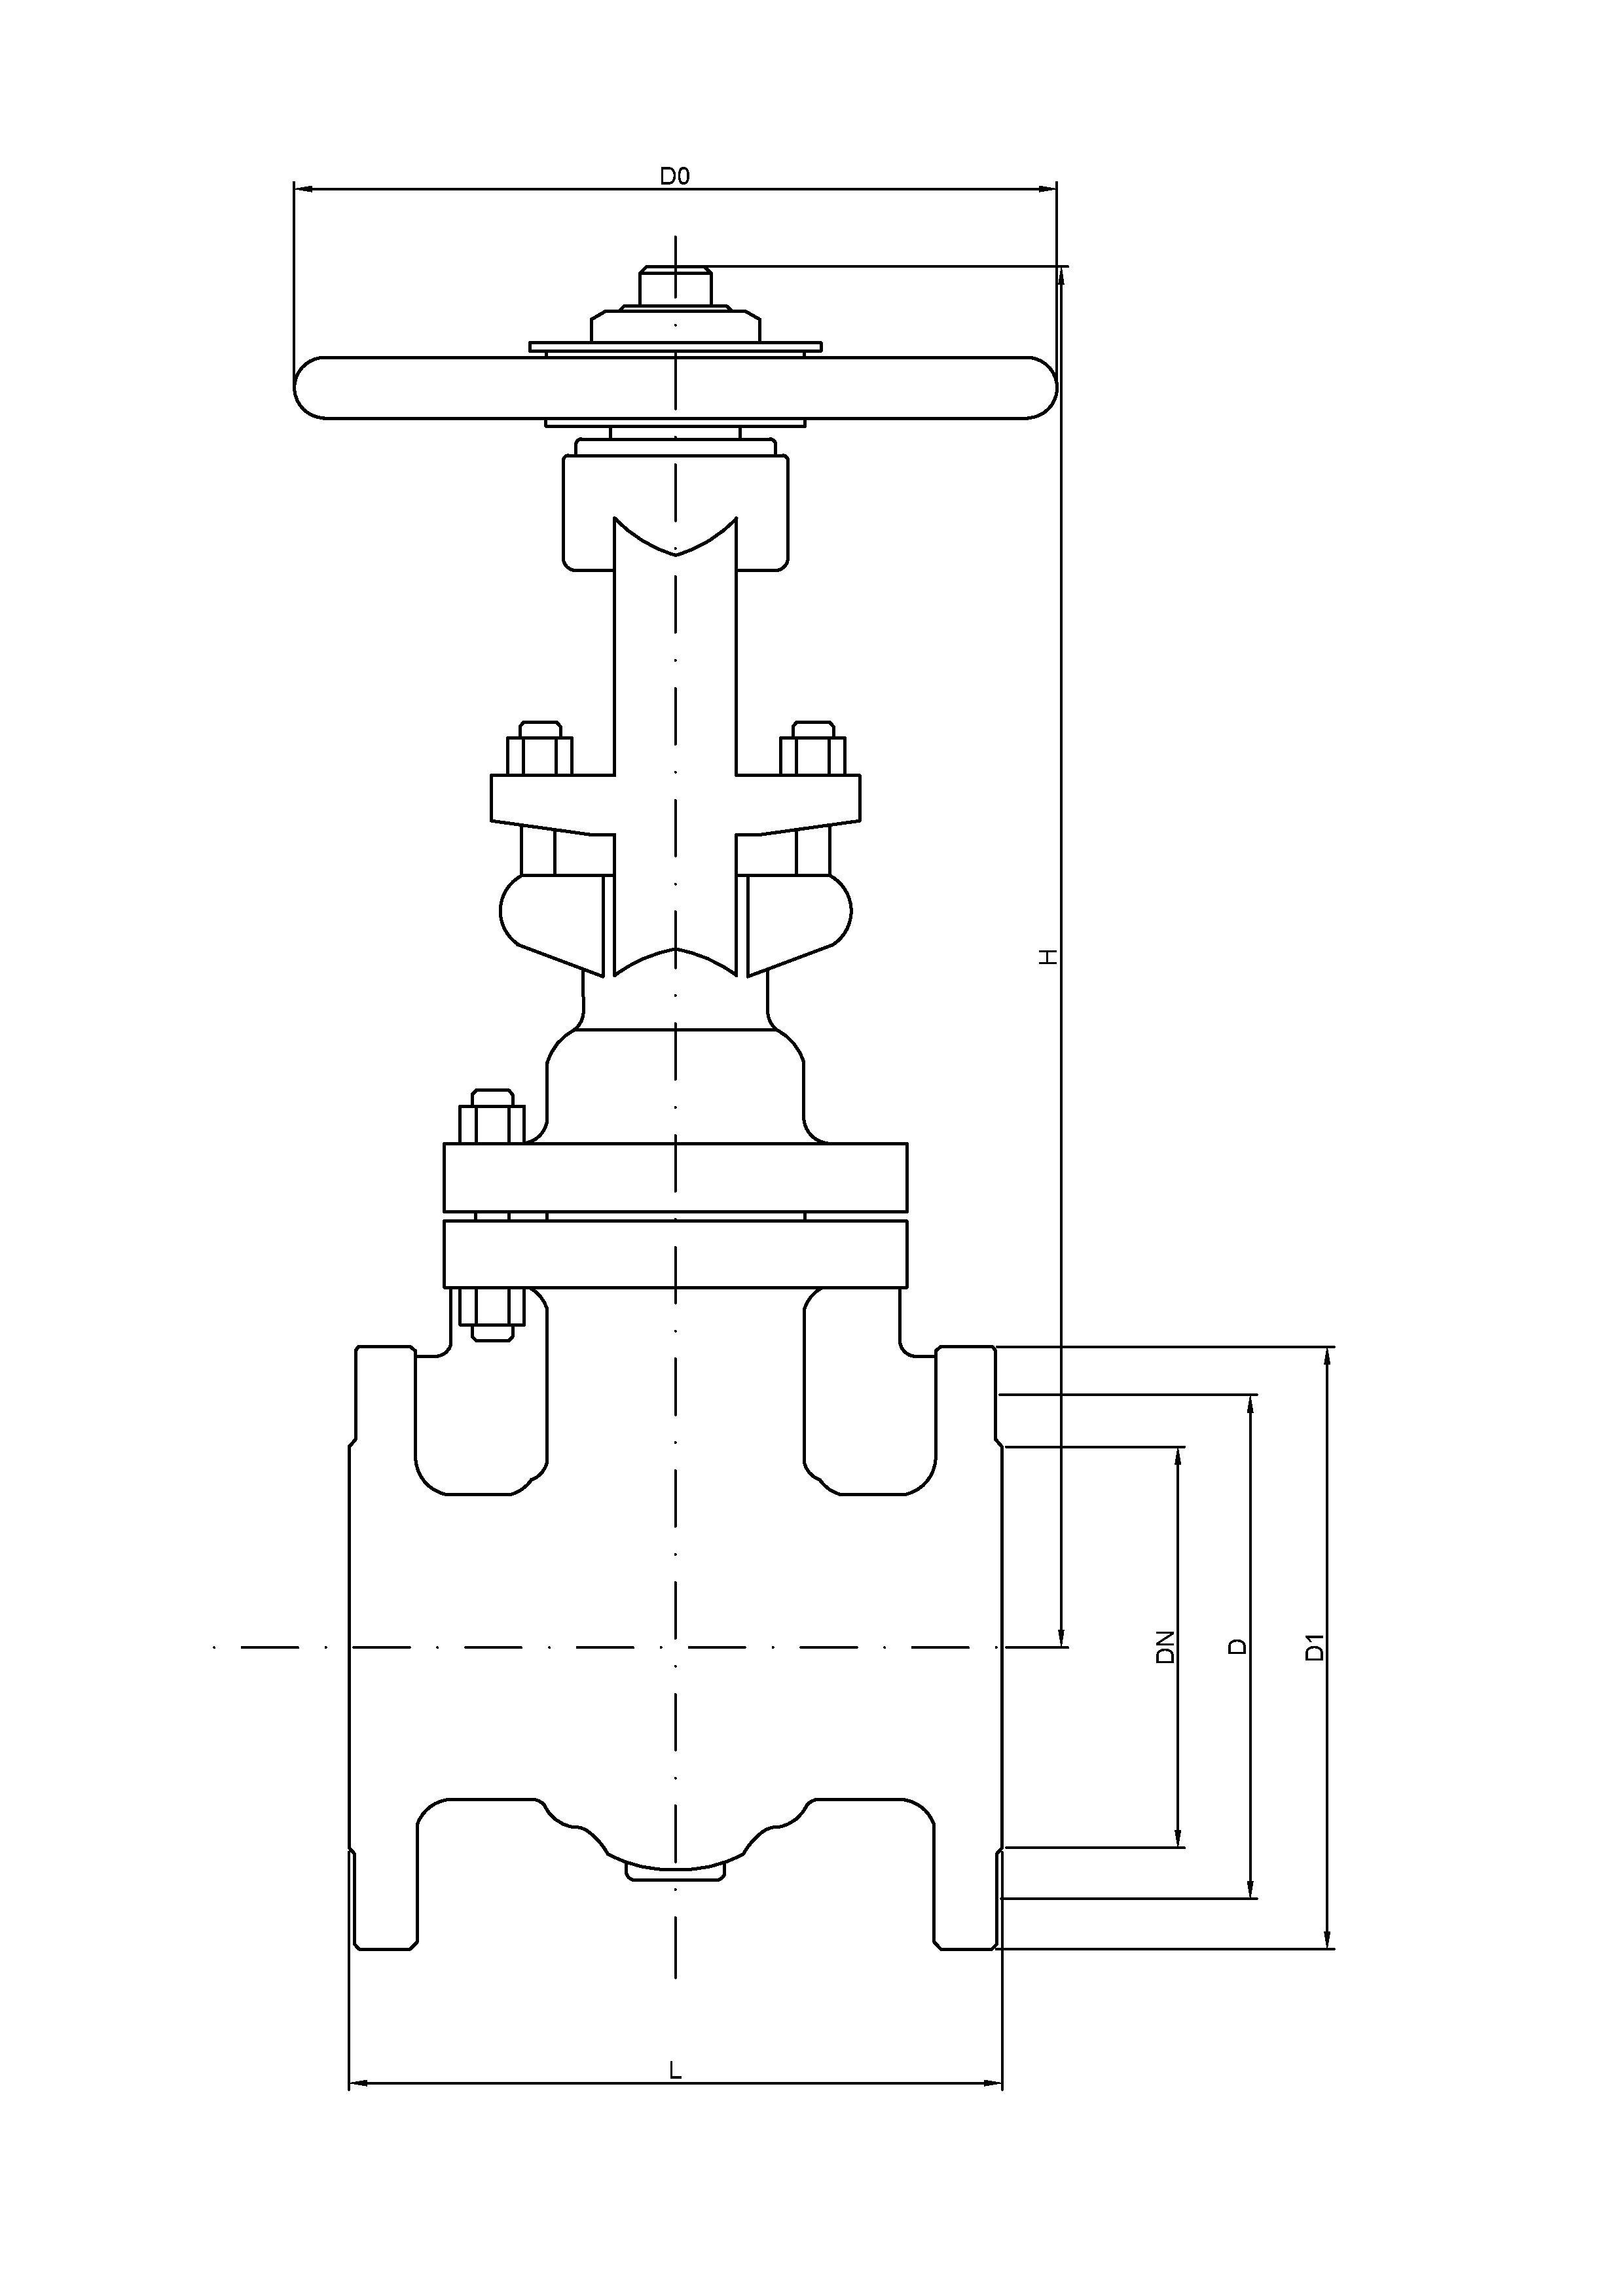 Инструкция по эксплуатации задвижек ооо усть каменогорского завода